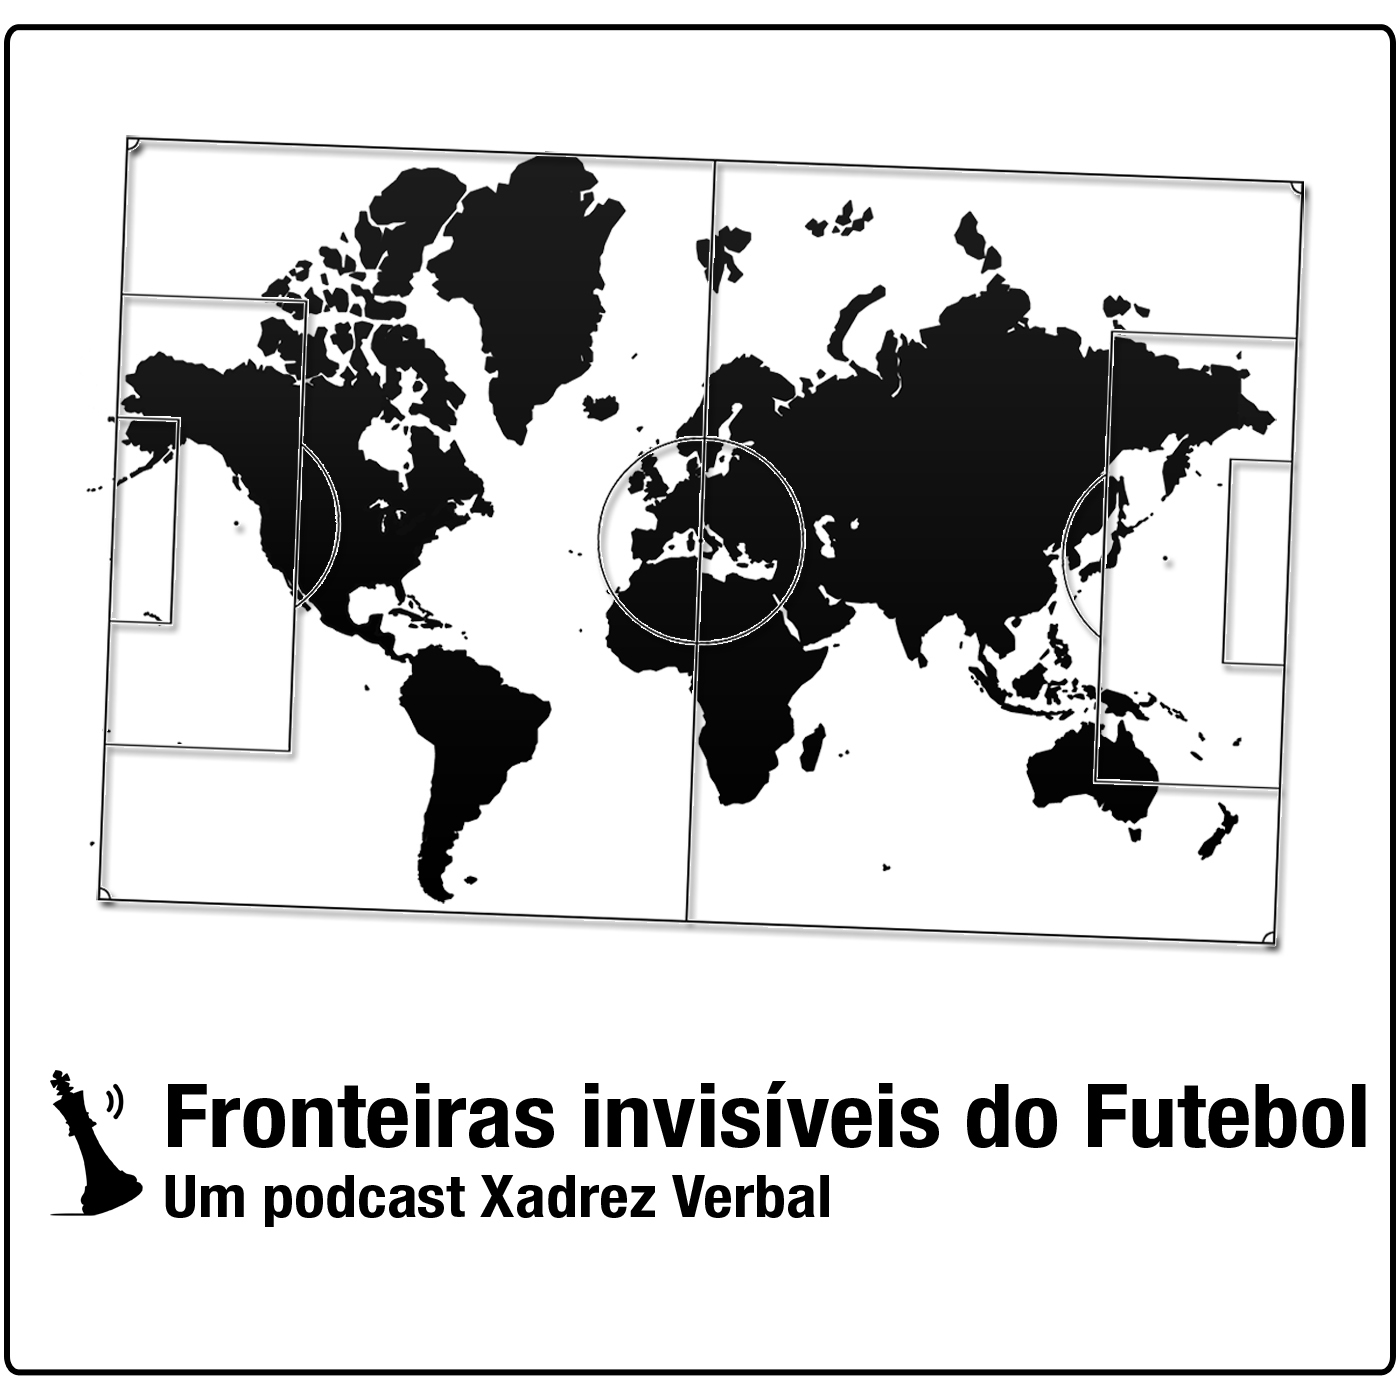 Central3 Podcasts - Fronteiras Invisíveis do Futebol